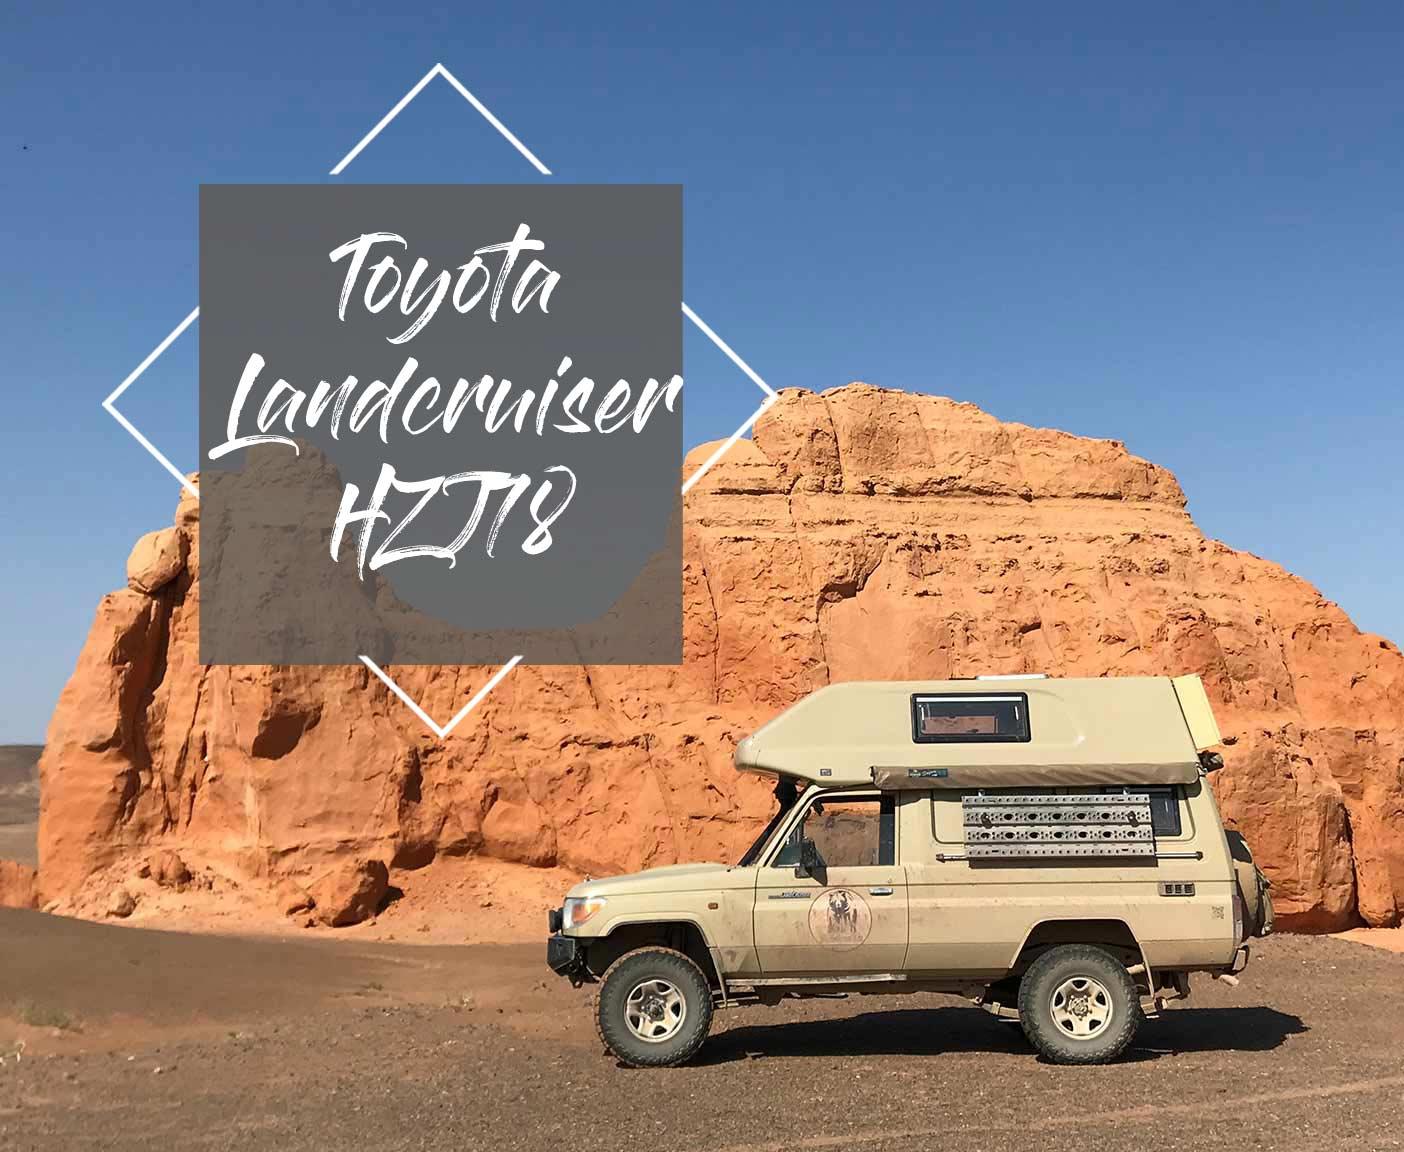 Toyota--Landcruiser-HZJ78-kaufen-camper-grj78